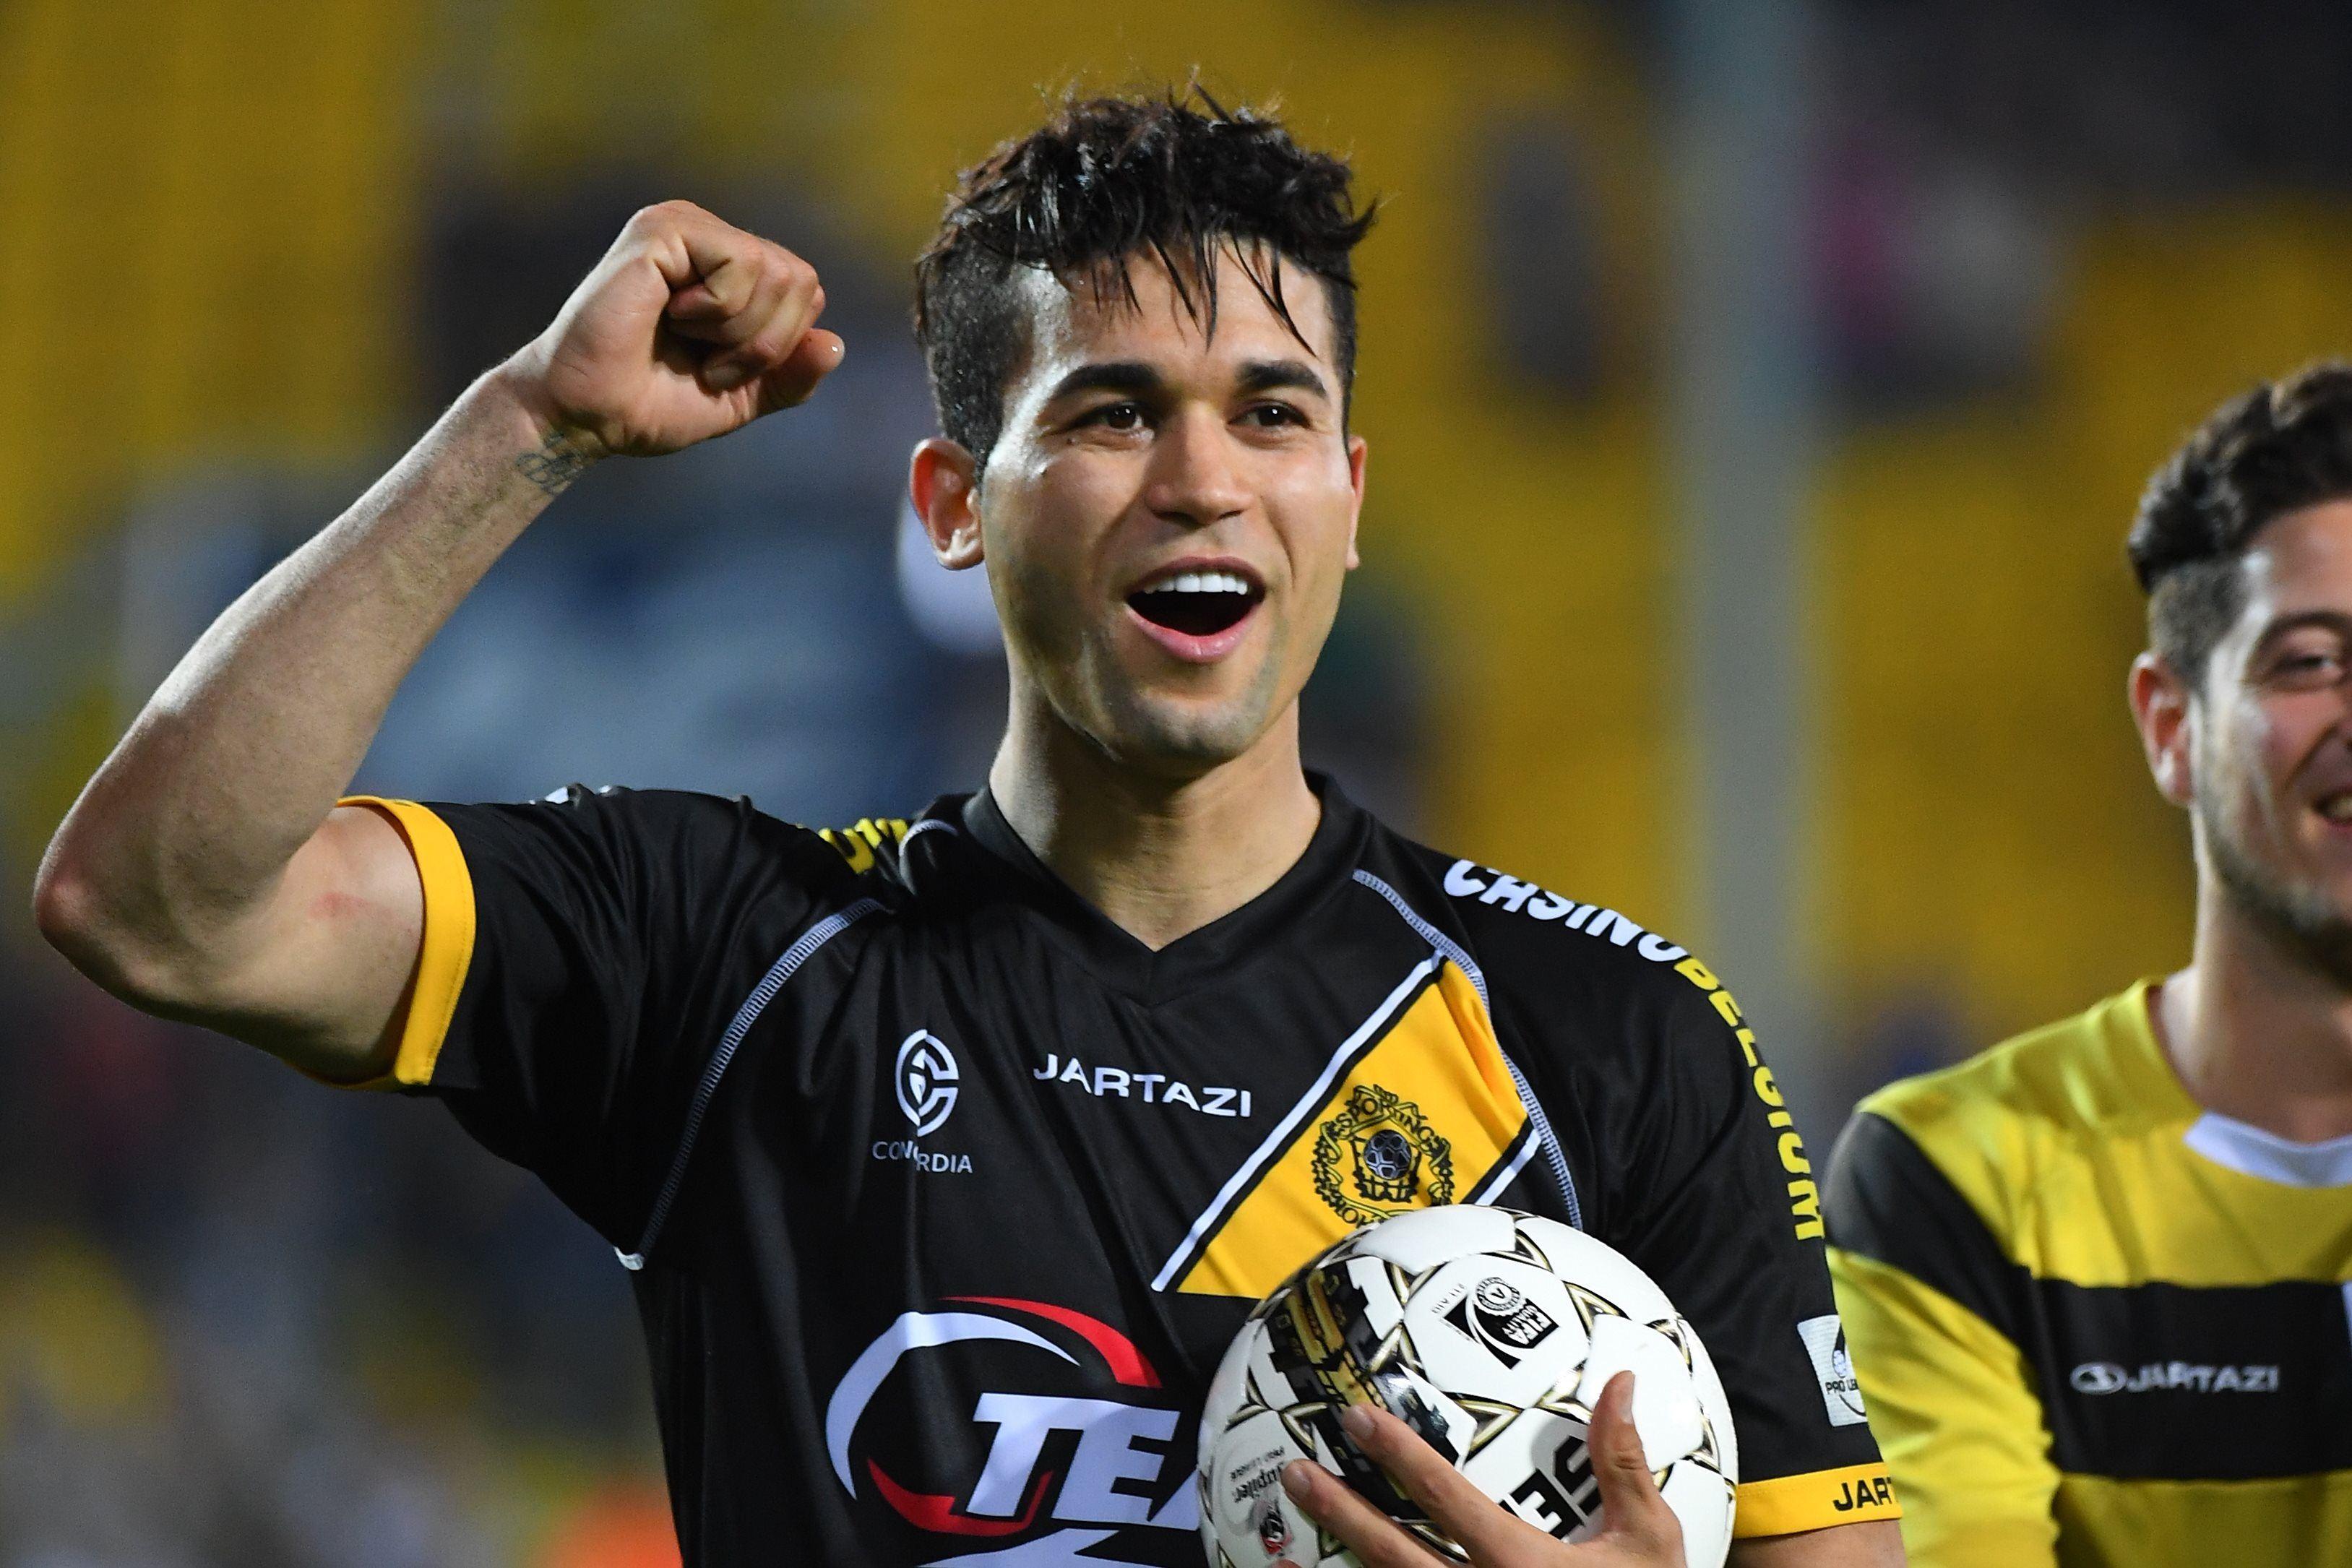 Calcio: Udinese, ufficiale acquisto Hamdi Harbaoui